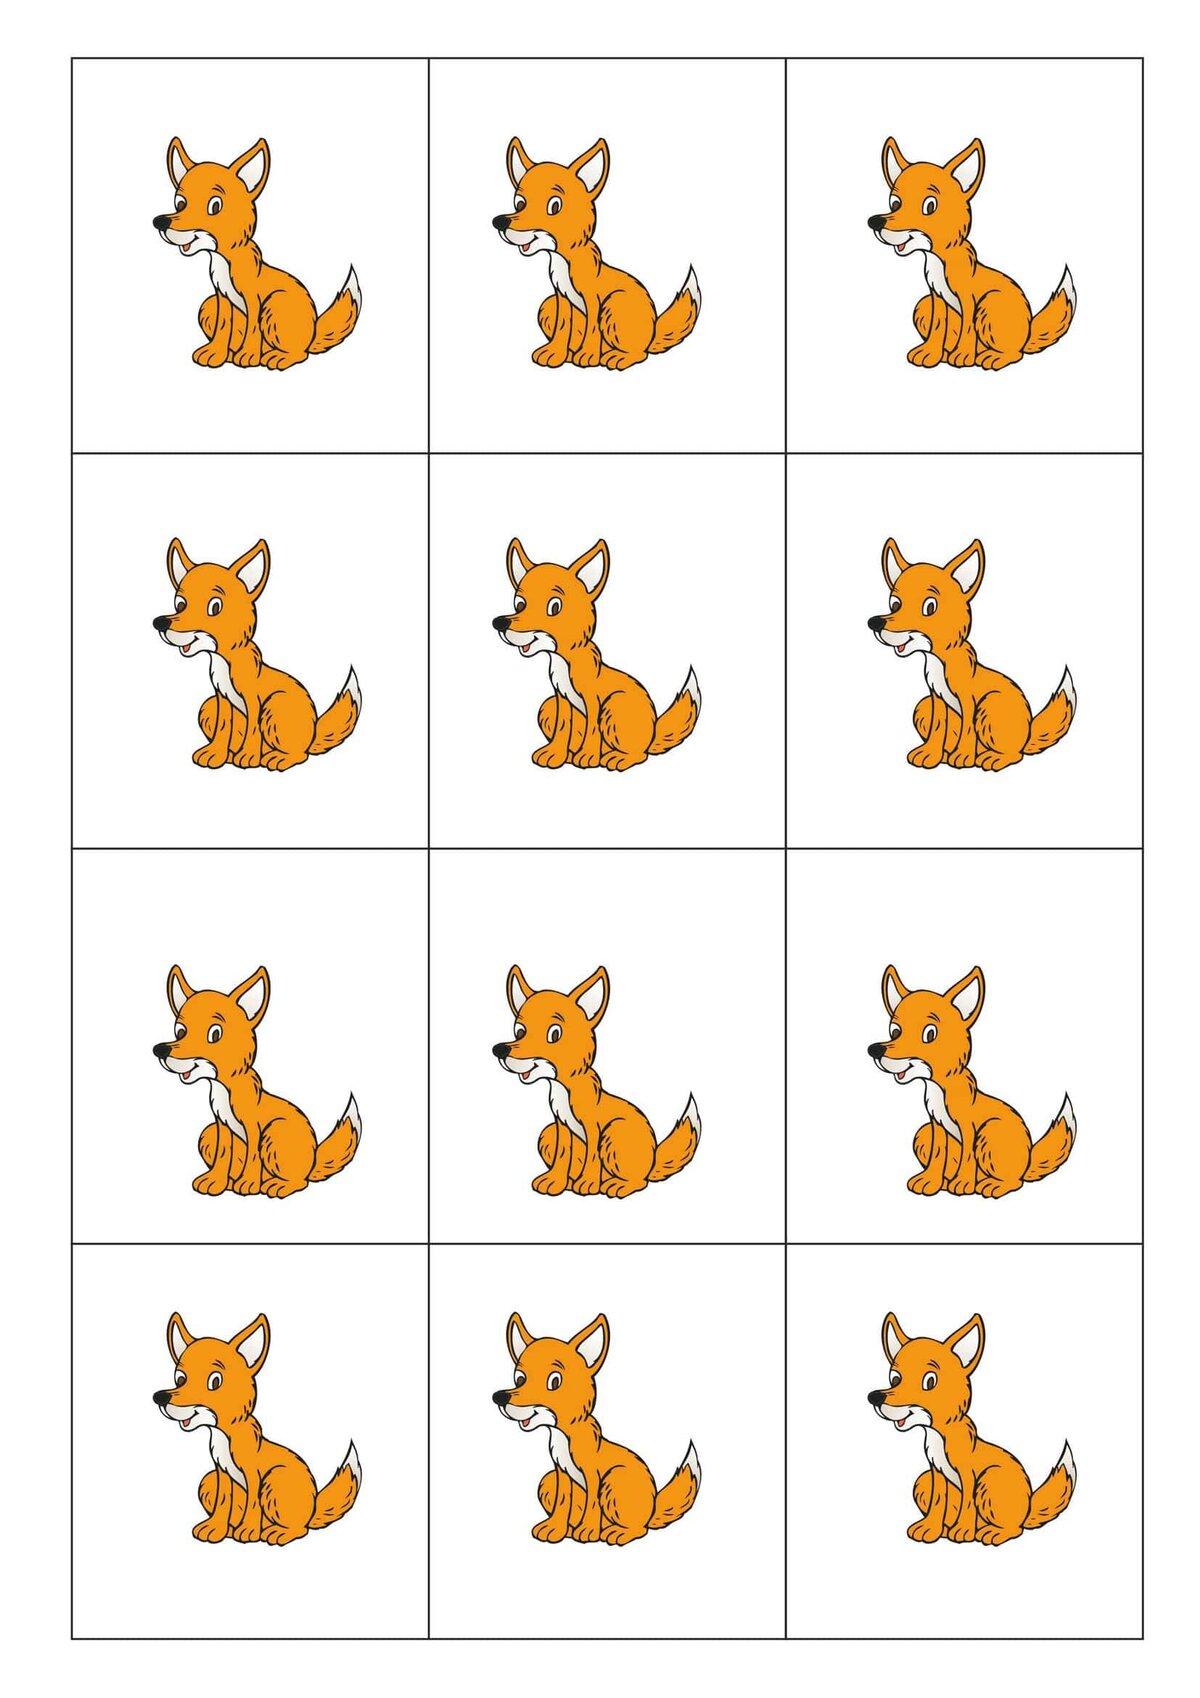 изображения математика картинки животных тату-салонах перми